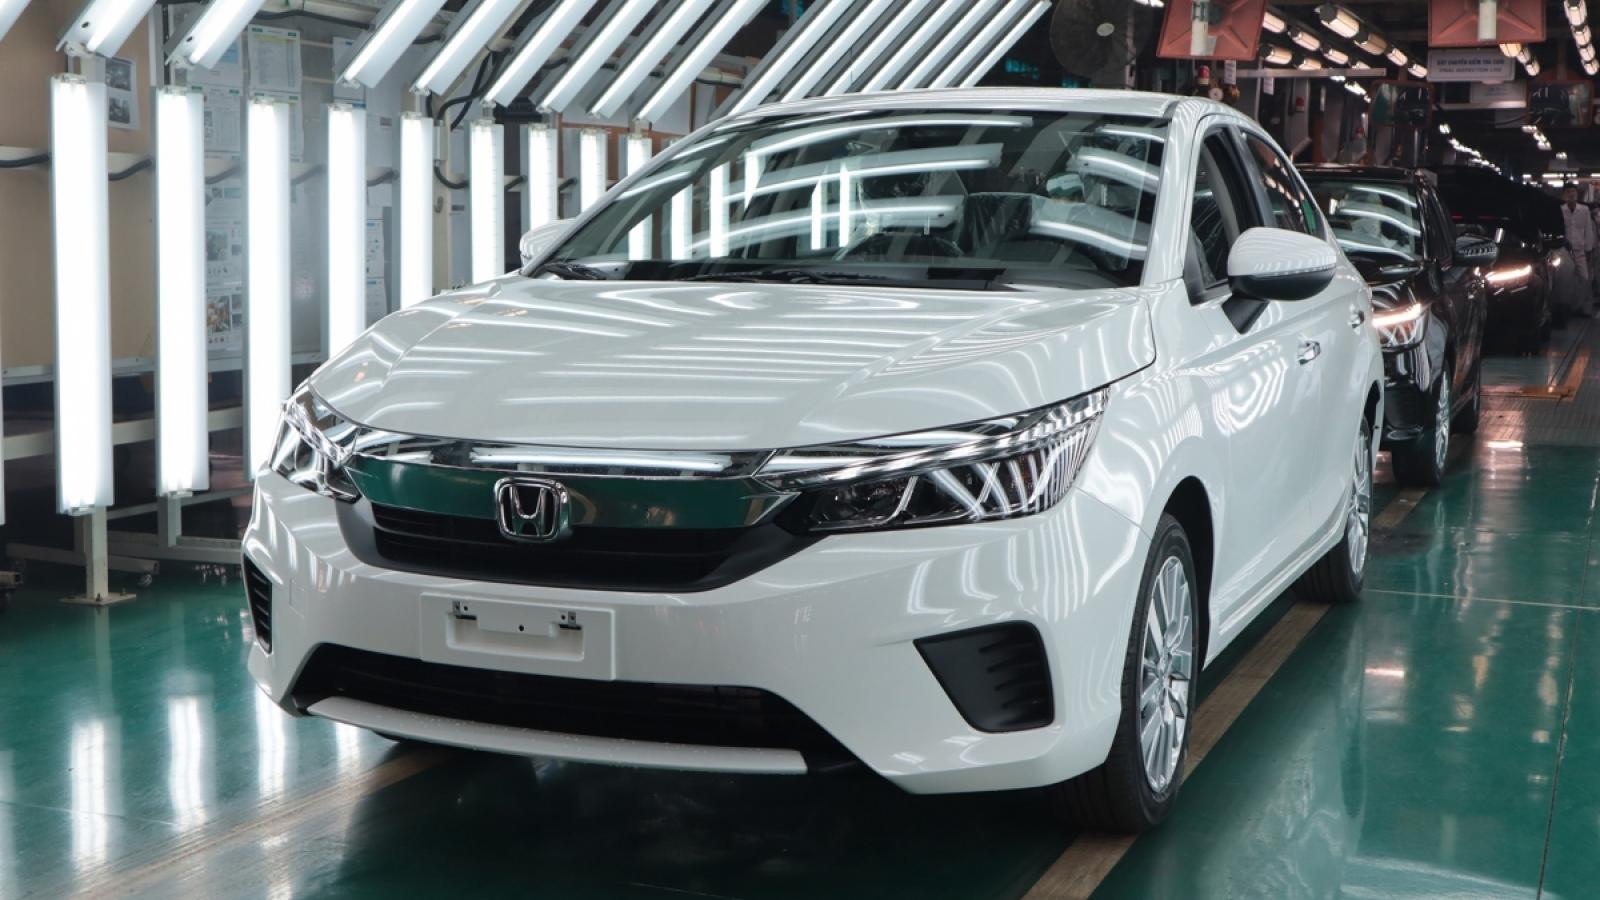 Honda Ô tô Việt Nam nỗ lực vượt qua các khó khăn bất chấp đại dịch và hạn chế nguồn cung